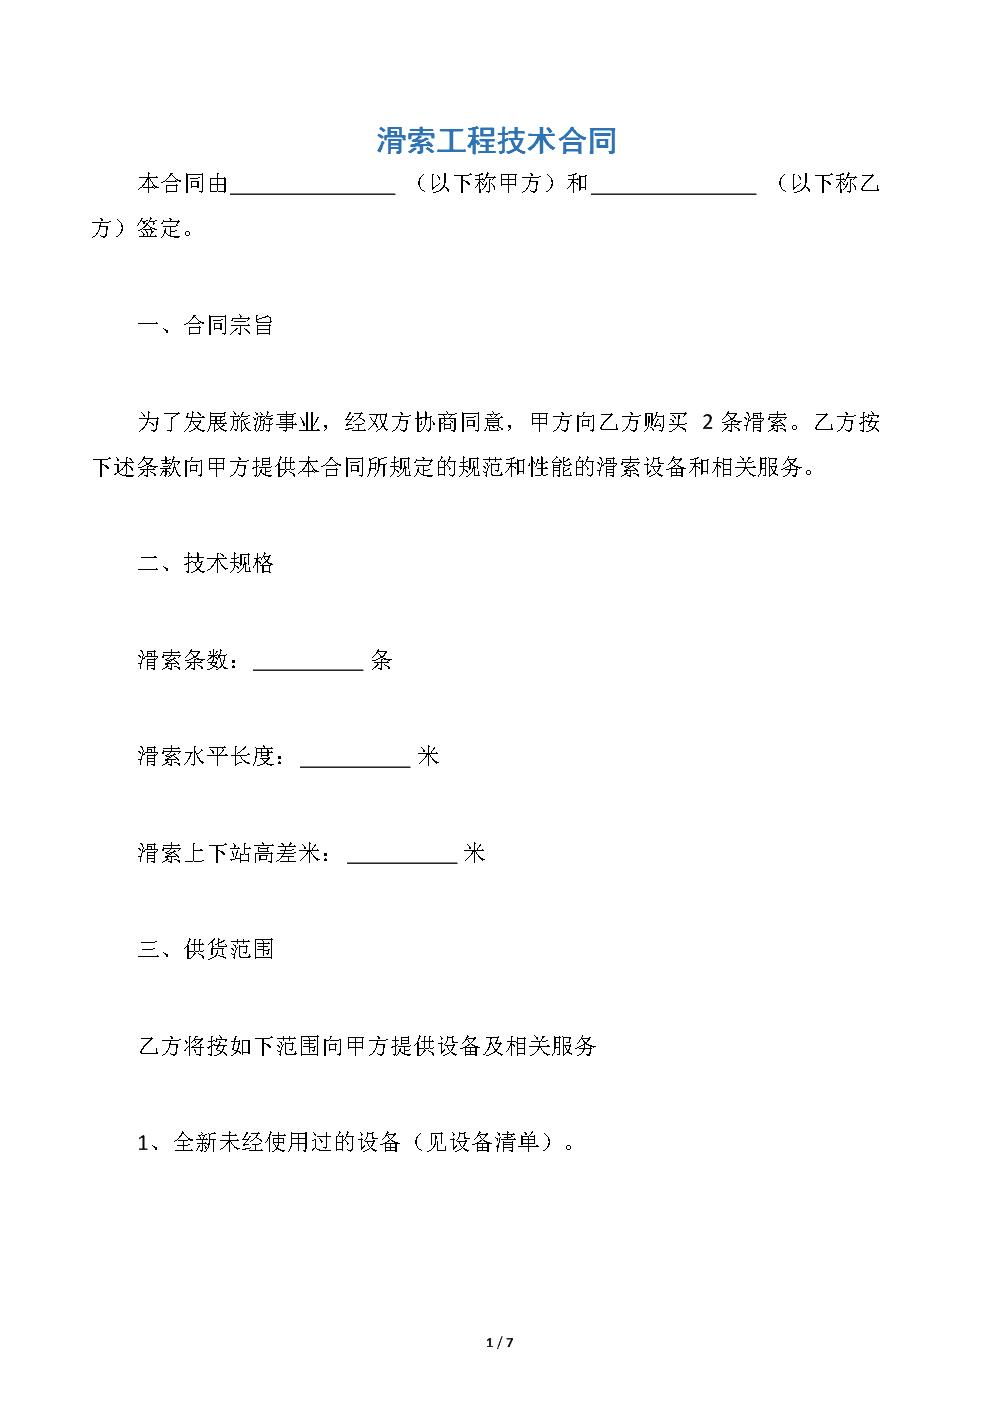 【合同范文】滑索工程技术合同.docx